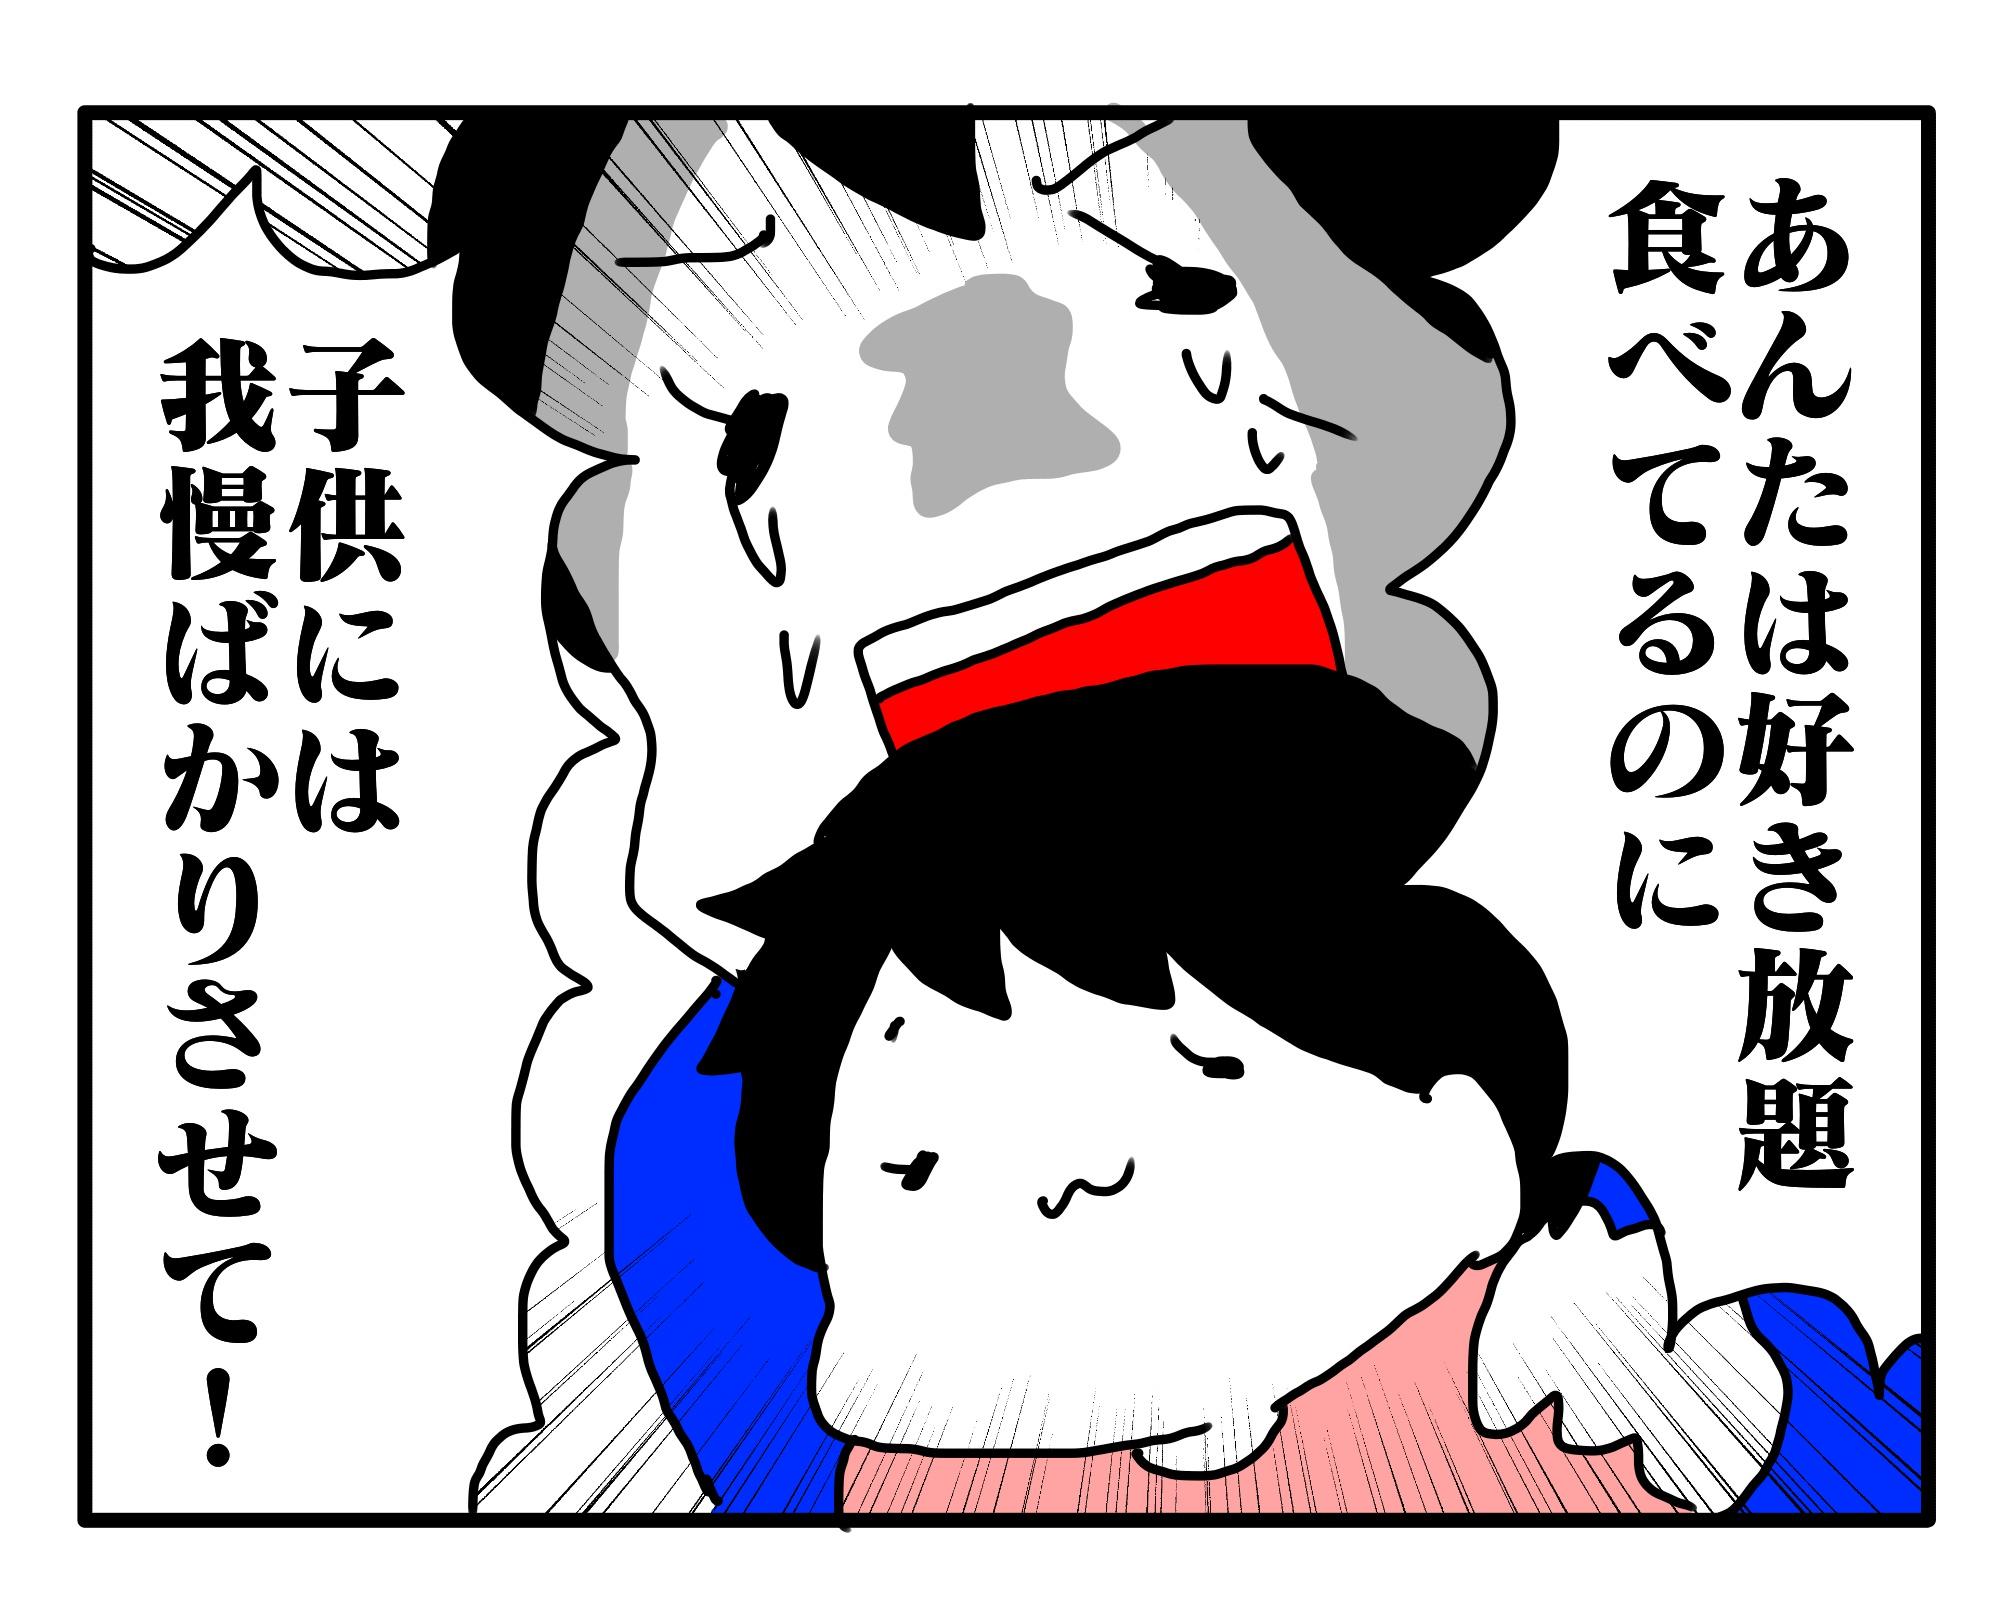 今日もポニョ子びより#14「初孫愛vs健康」